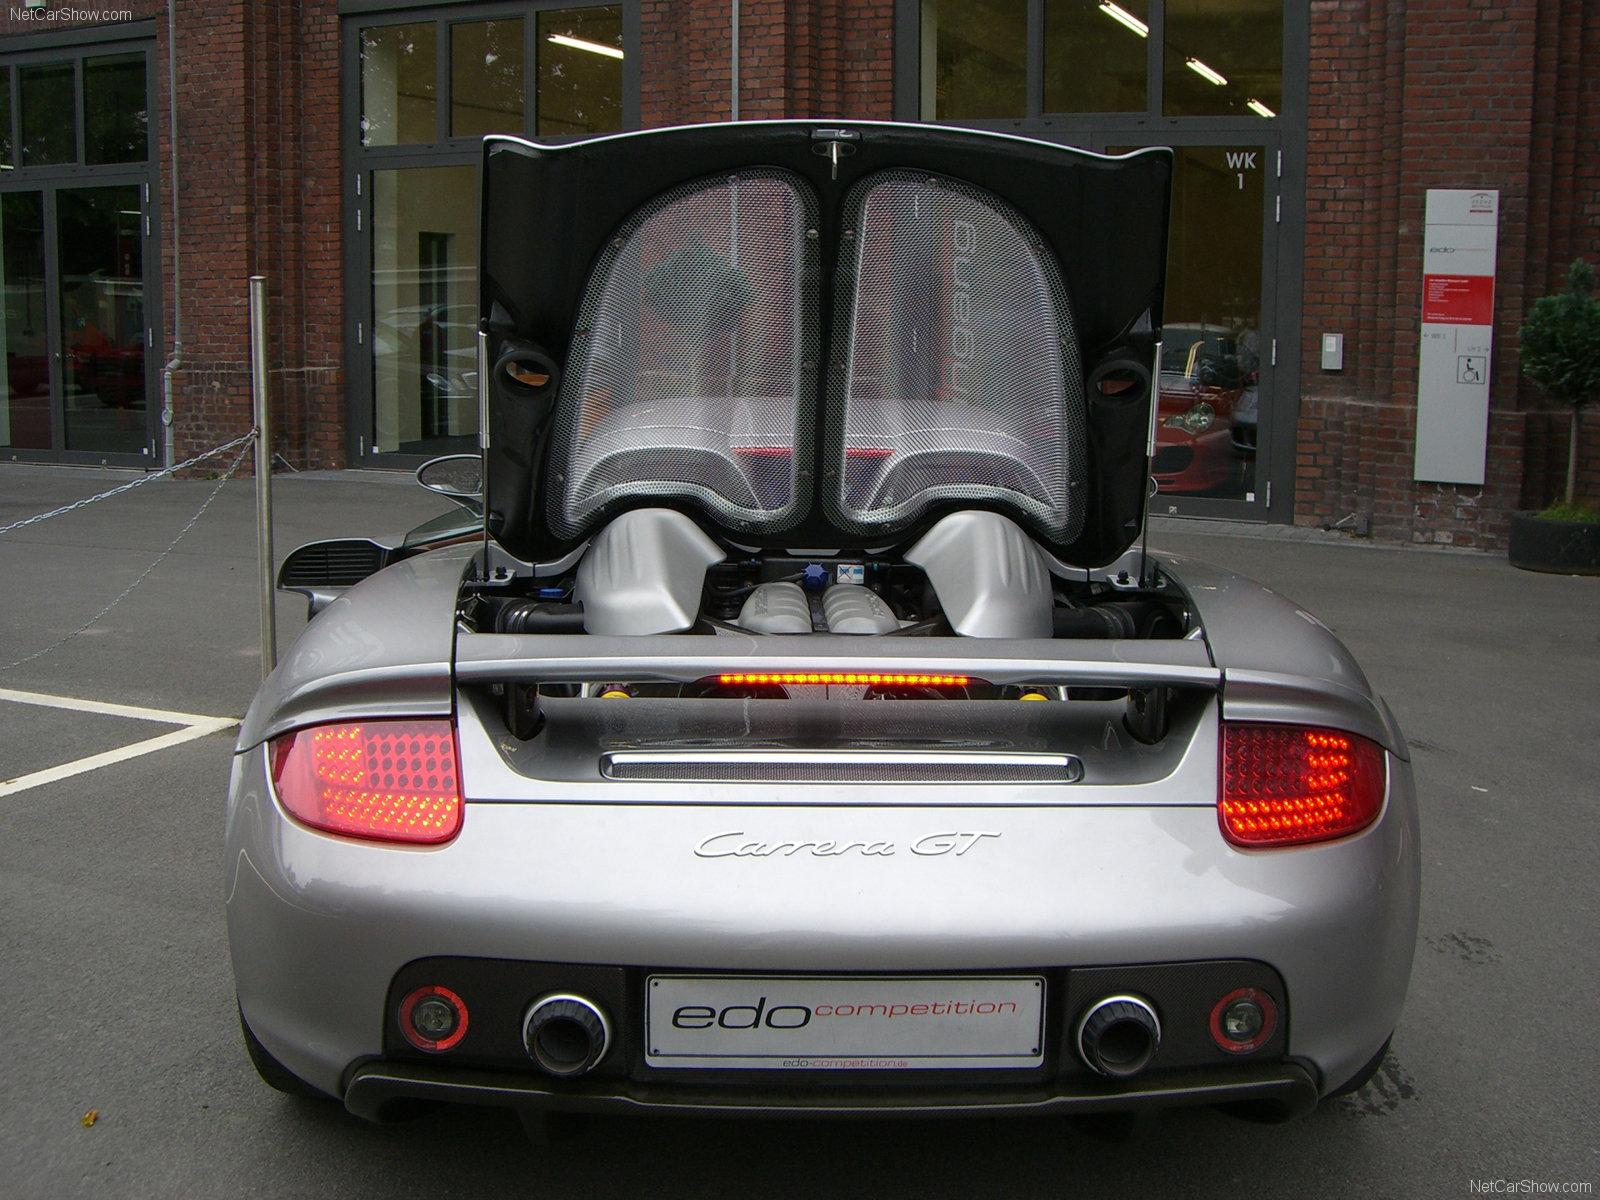 Hình ảnh siêu xe Edo Porsche Carrera GT 2007 & nội ngoại thất